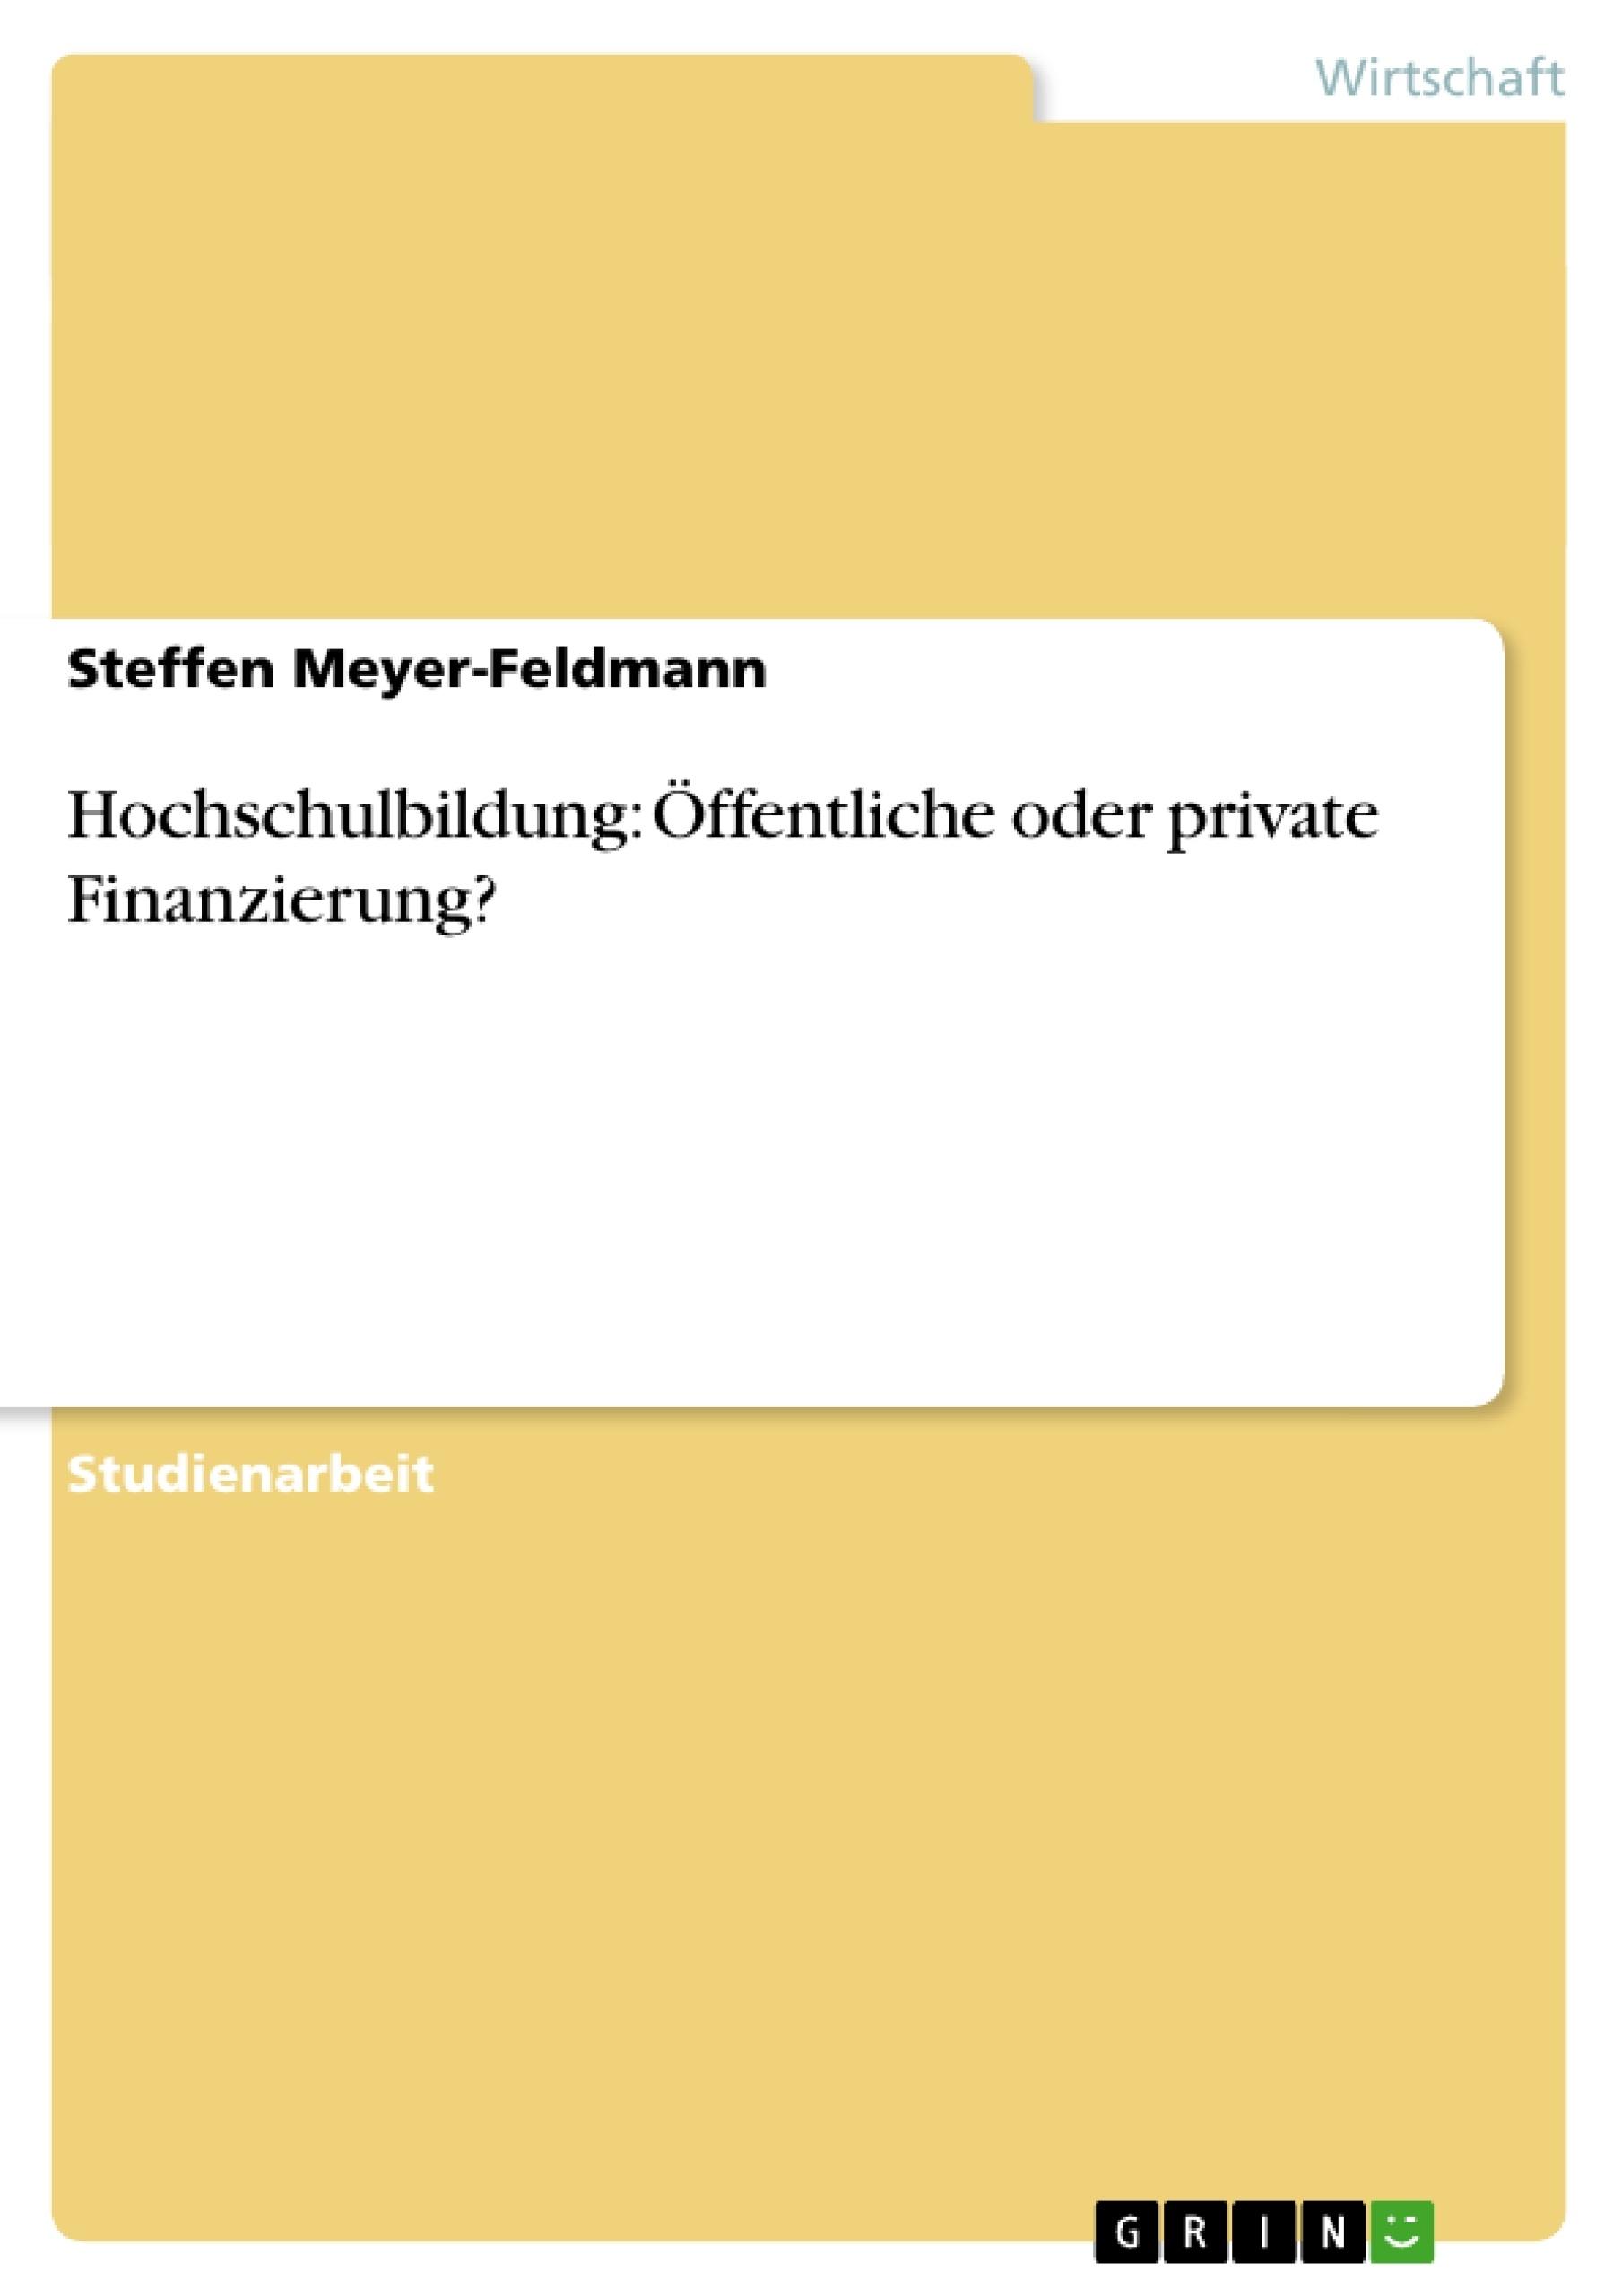 Titel: Hochschulbildung: Öffentliche oder private Finanzierung?